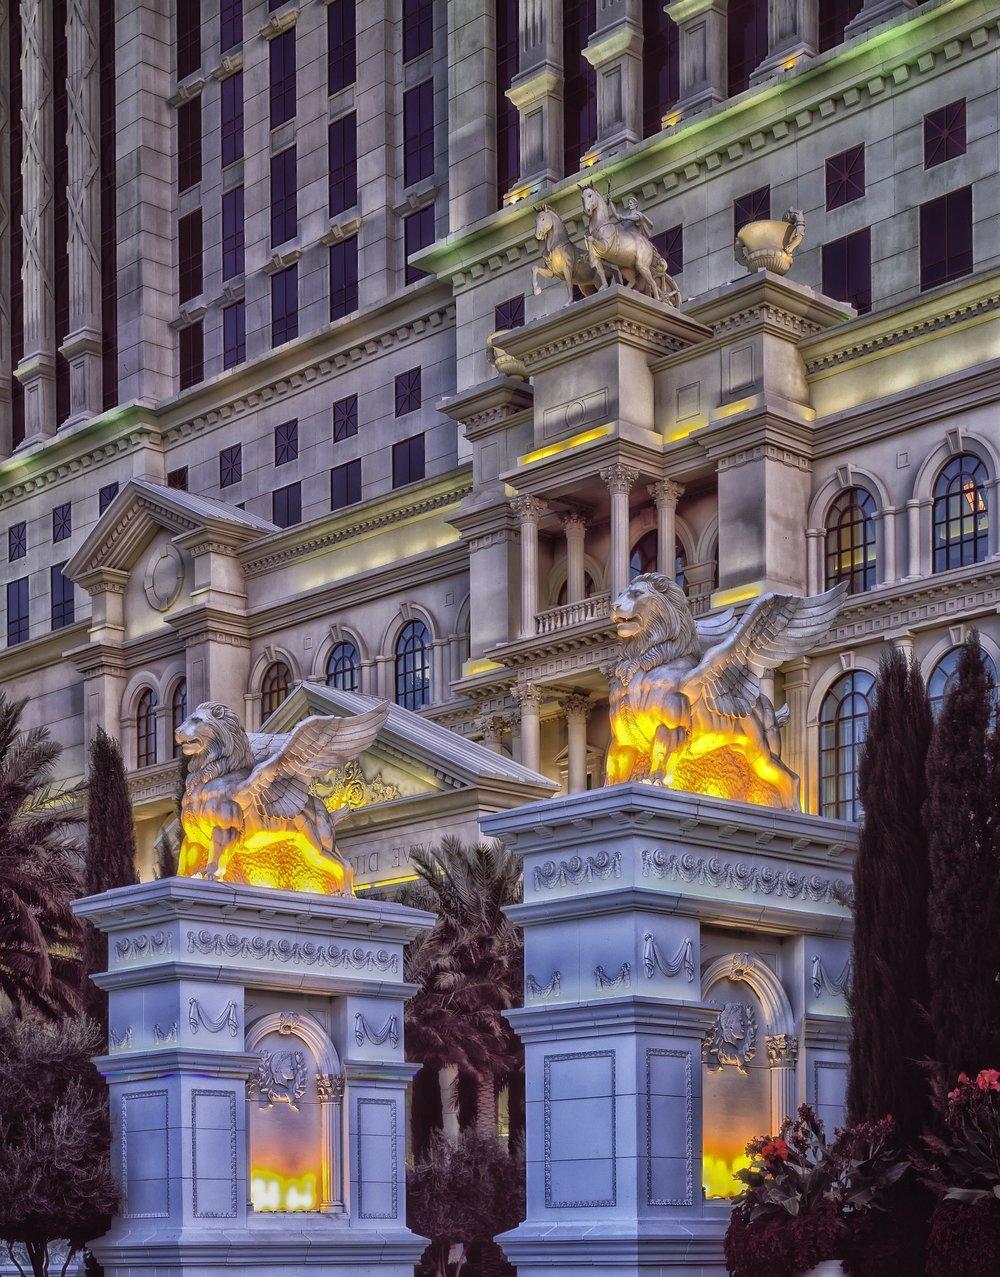 caesars-palace-219216_1920.jpg